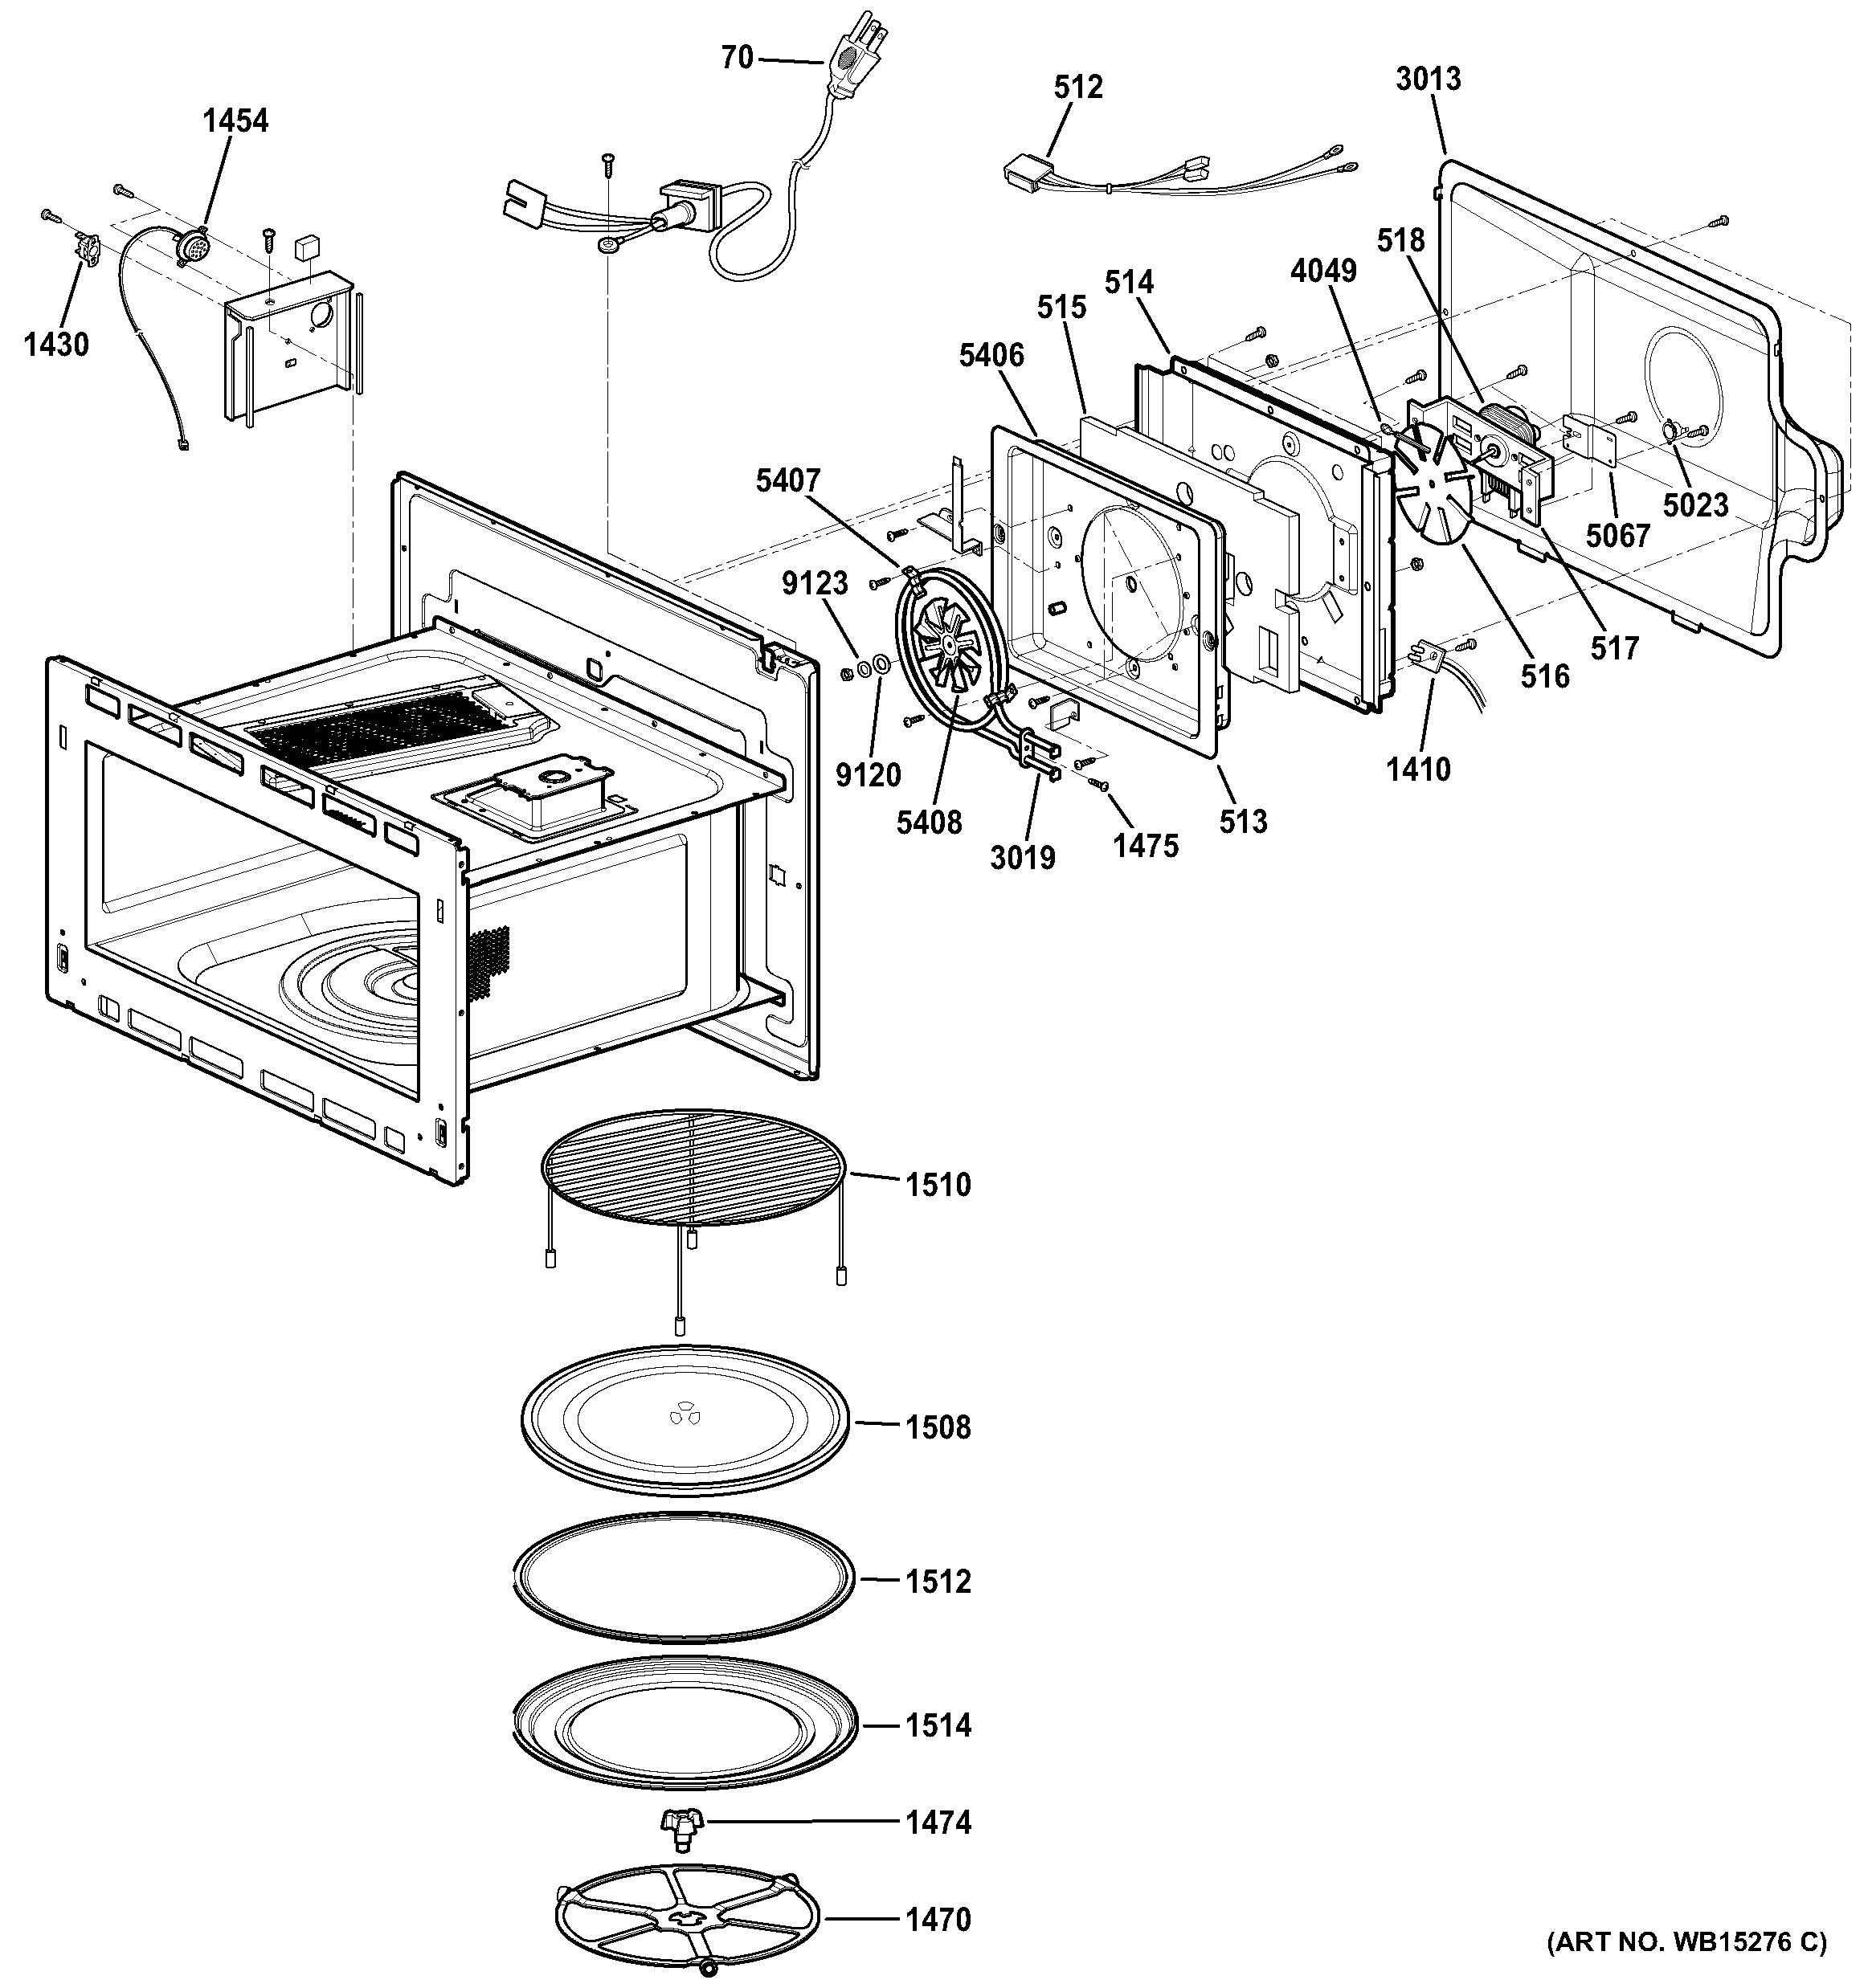 [DIAGRAM] Diagramas E Simbologia El U00e9trica Wiring